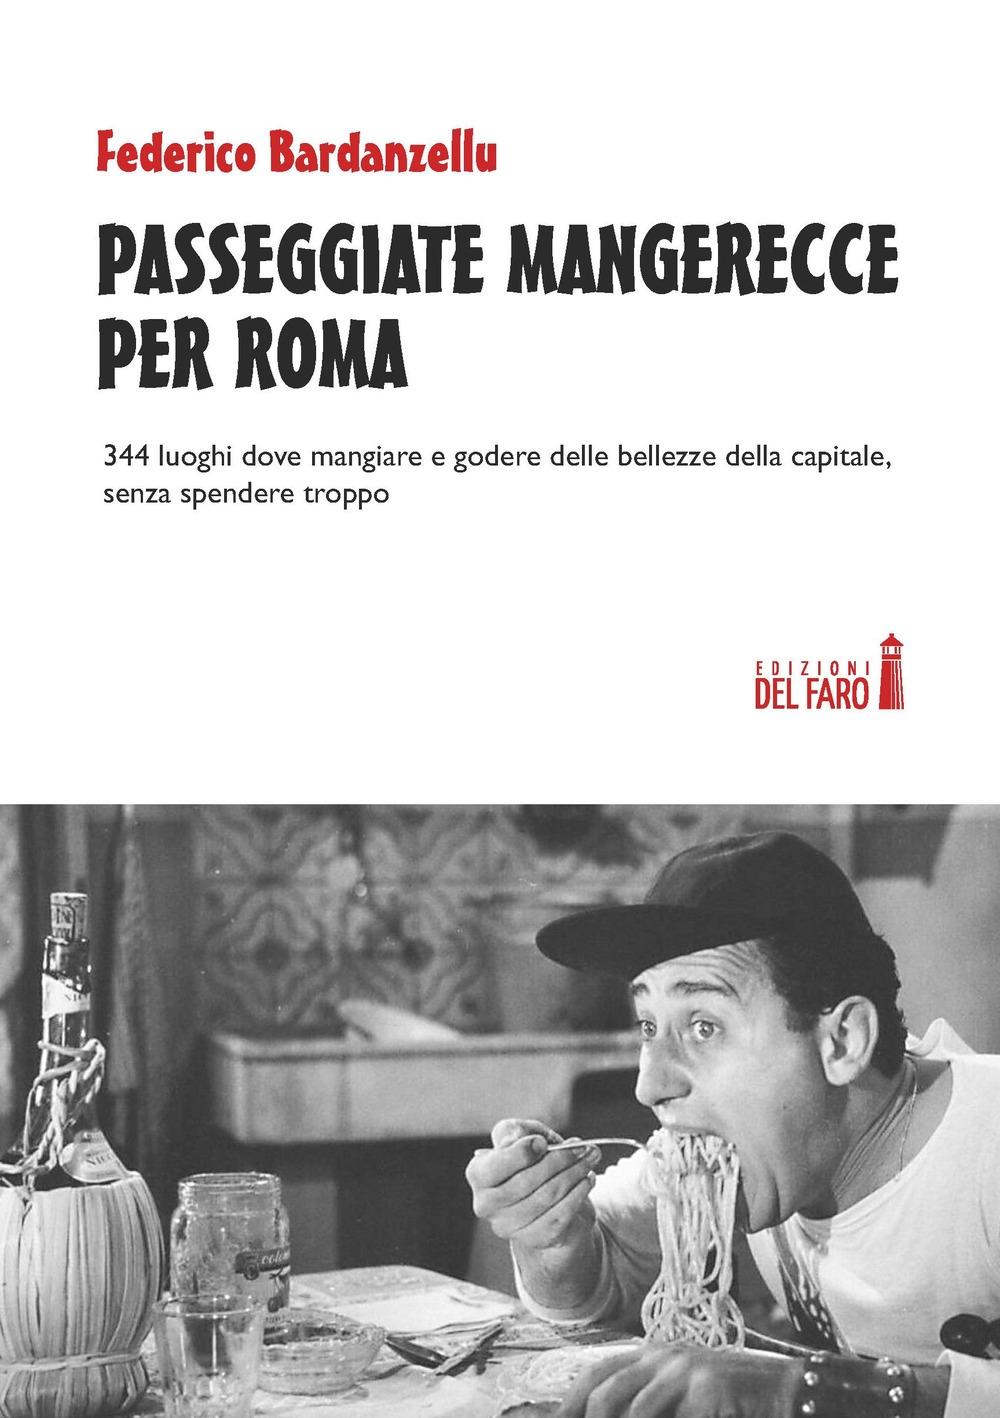 Passeggiate-mangerecce-per-Roma-344-luoghi-dove-mangiare-e-godere-delle-bellezz